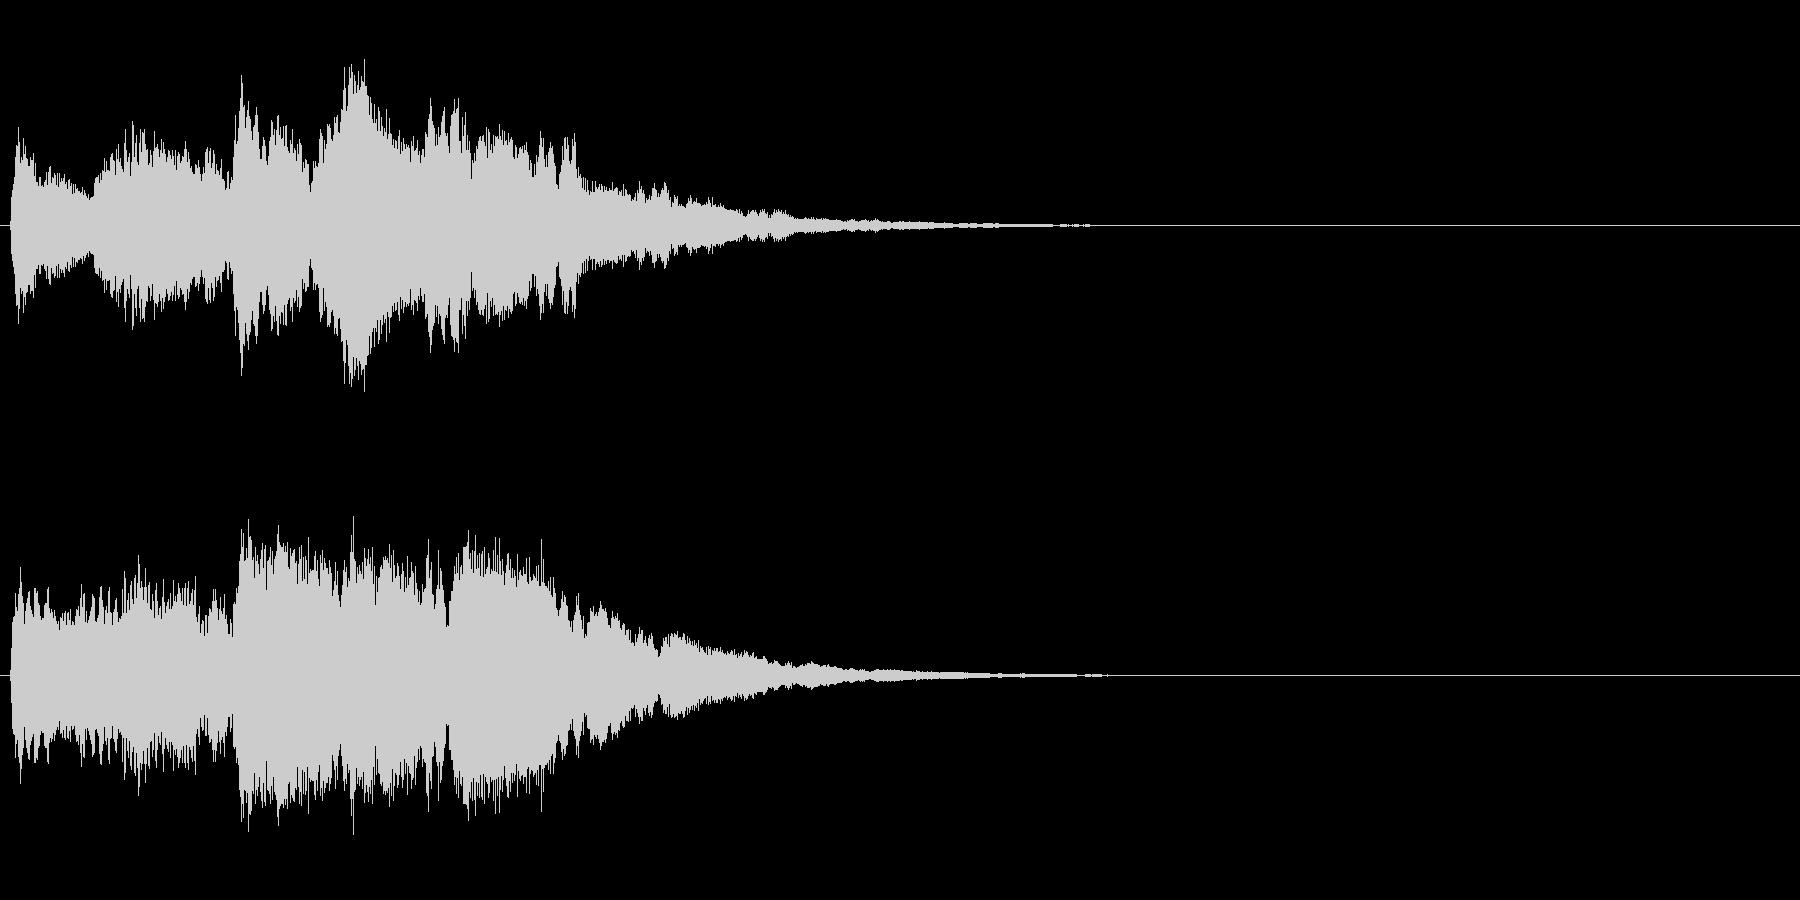 キラキラリーン/クリスタル音スロー上昇音の未再生の波形